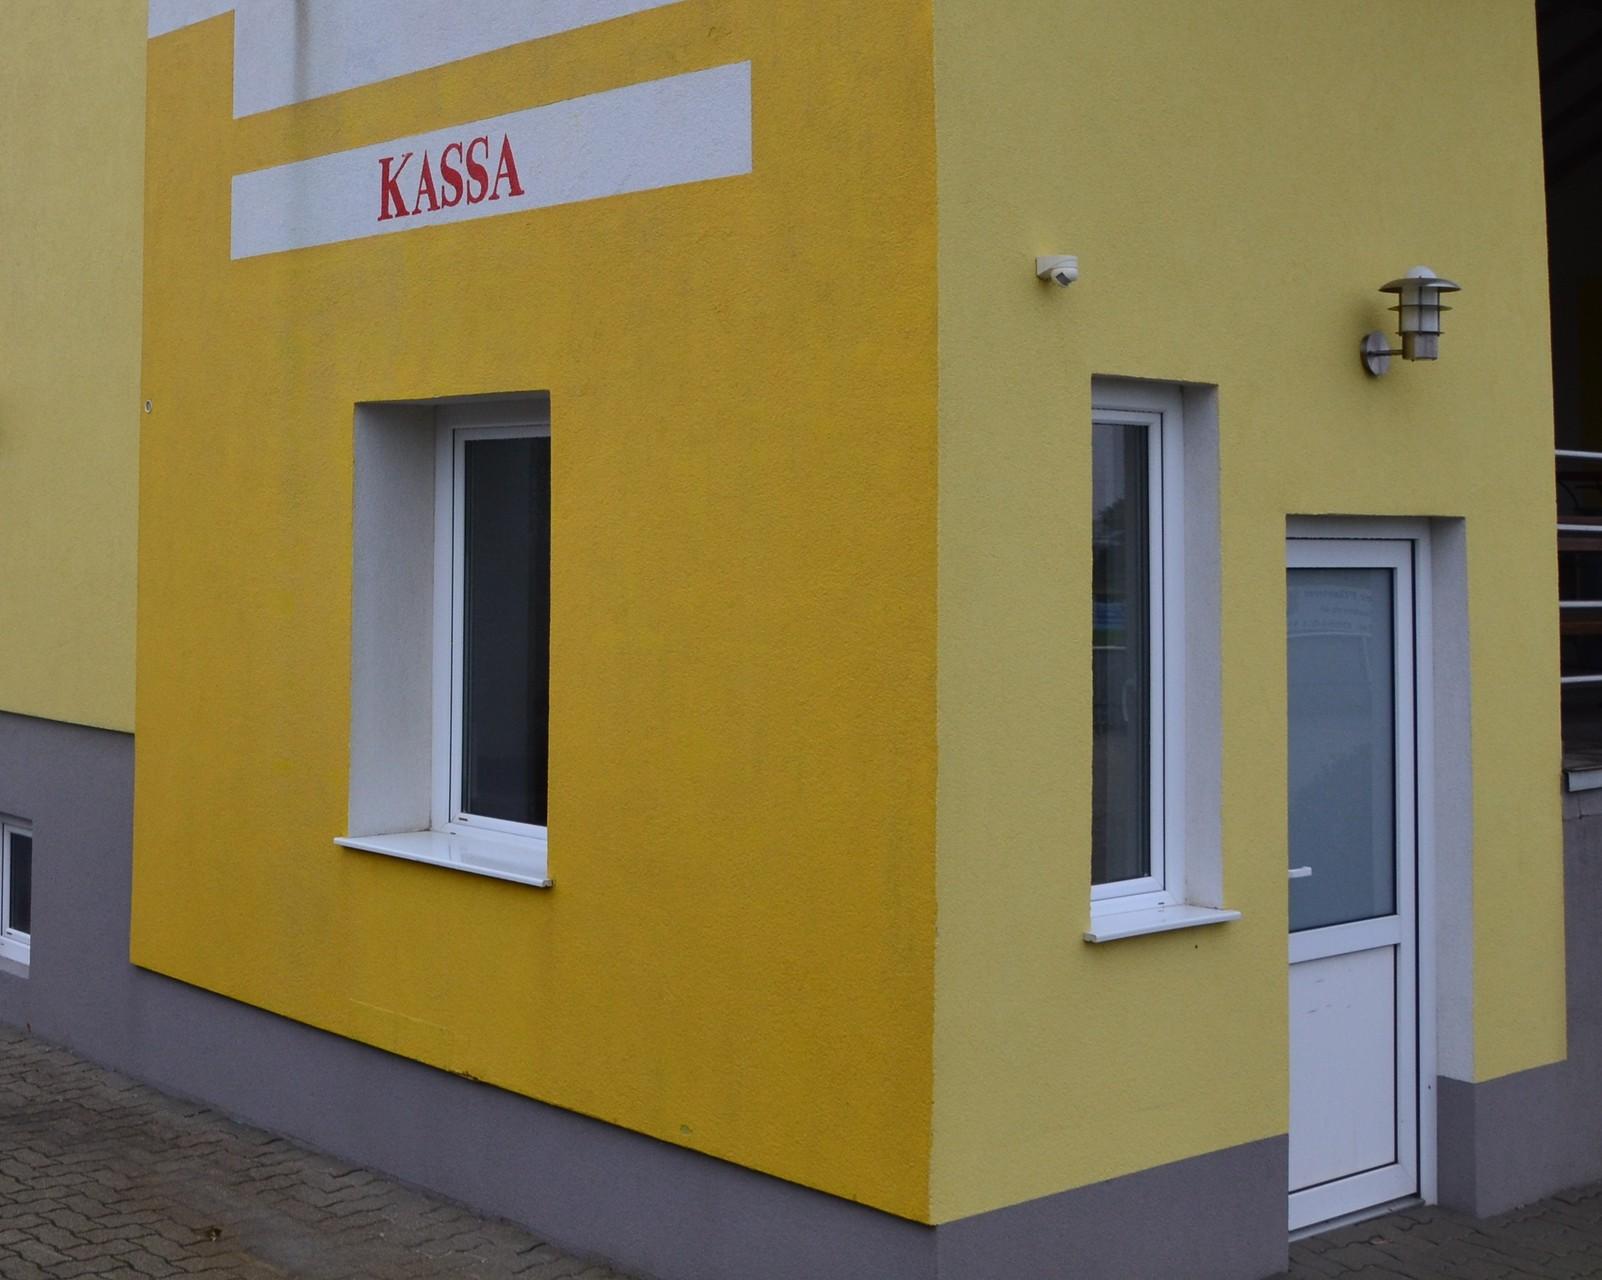 Fassadenreinigung im Kassenbereich (nachher)